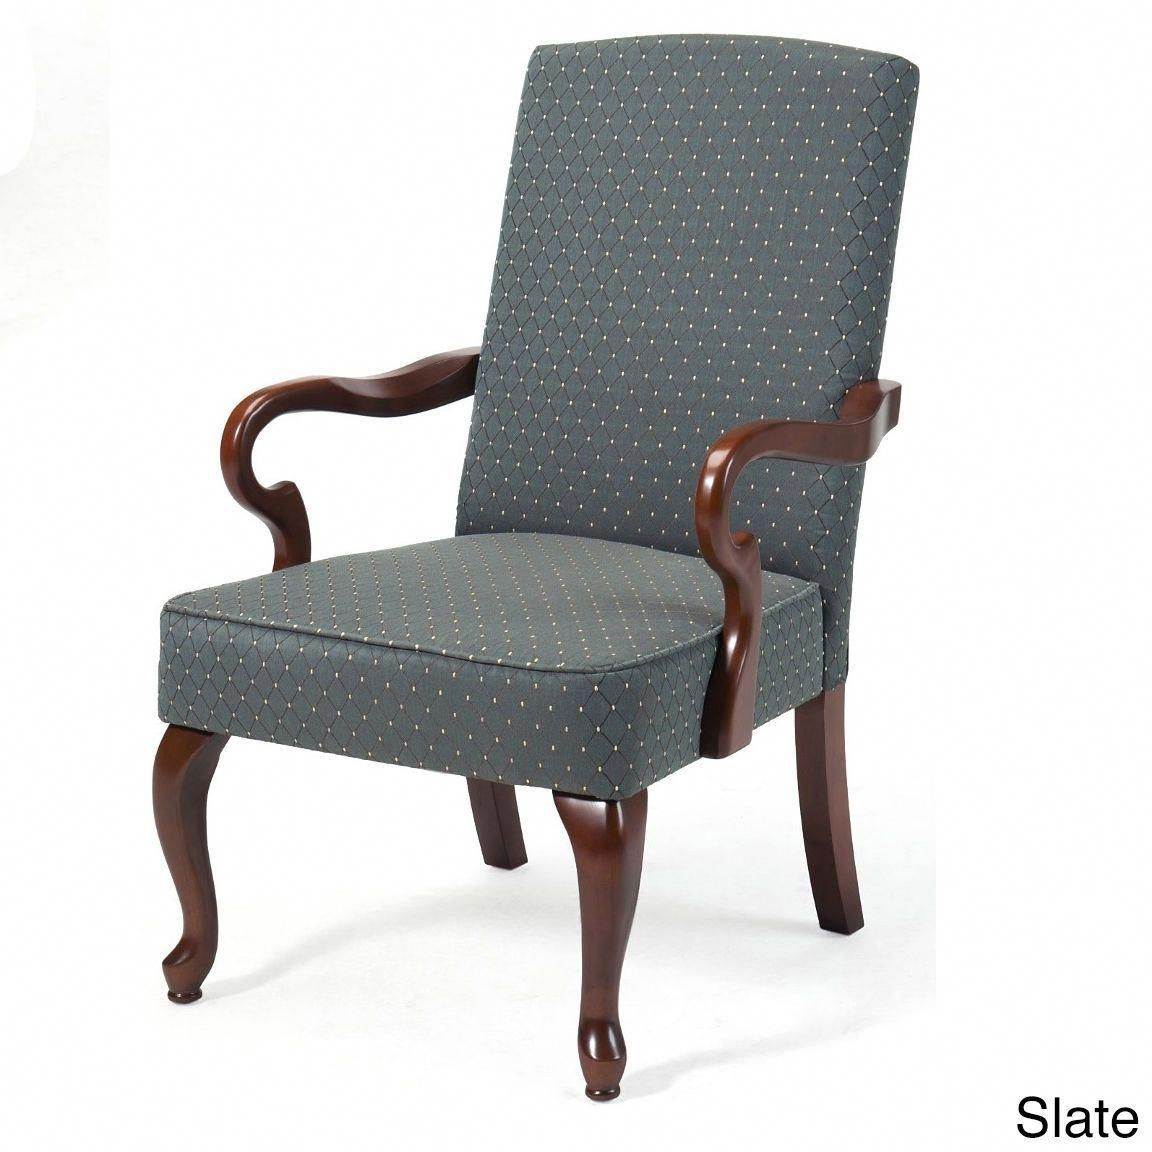 Restoration Hardware Dining Chairs Midcenturymodernchairs Deckchairs Deck